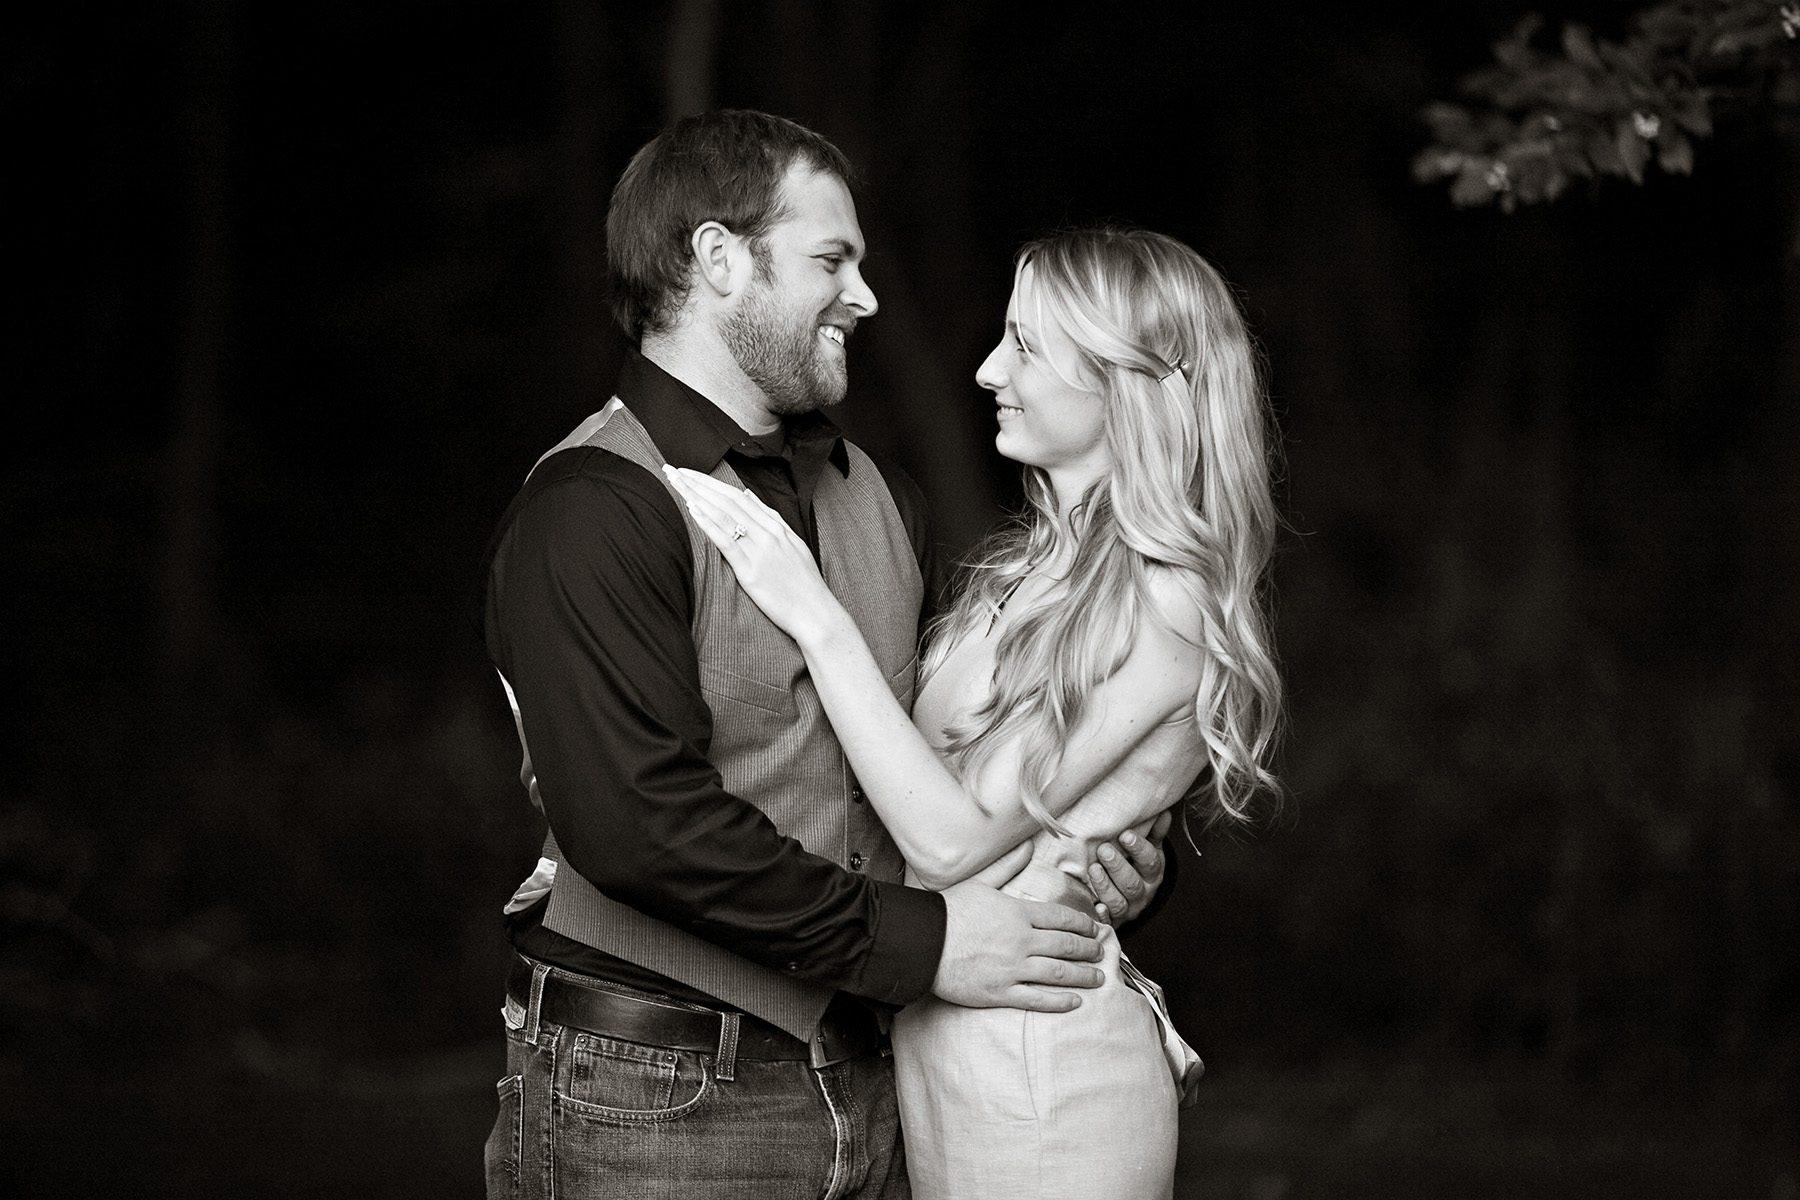 Rebecca & Zach